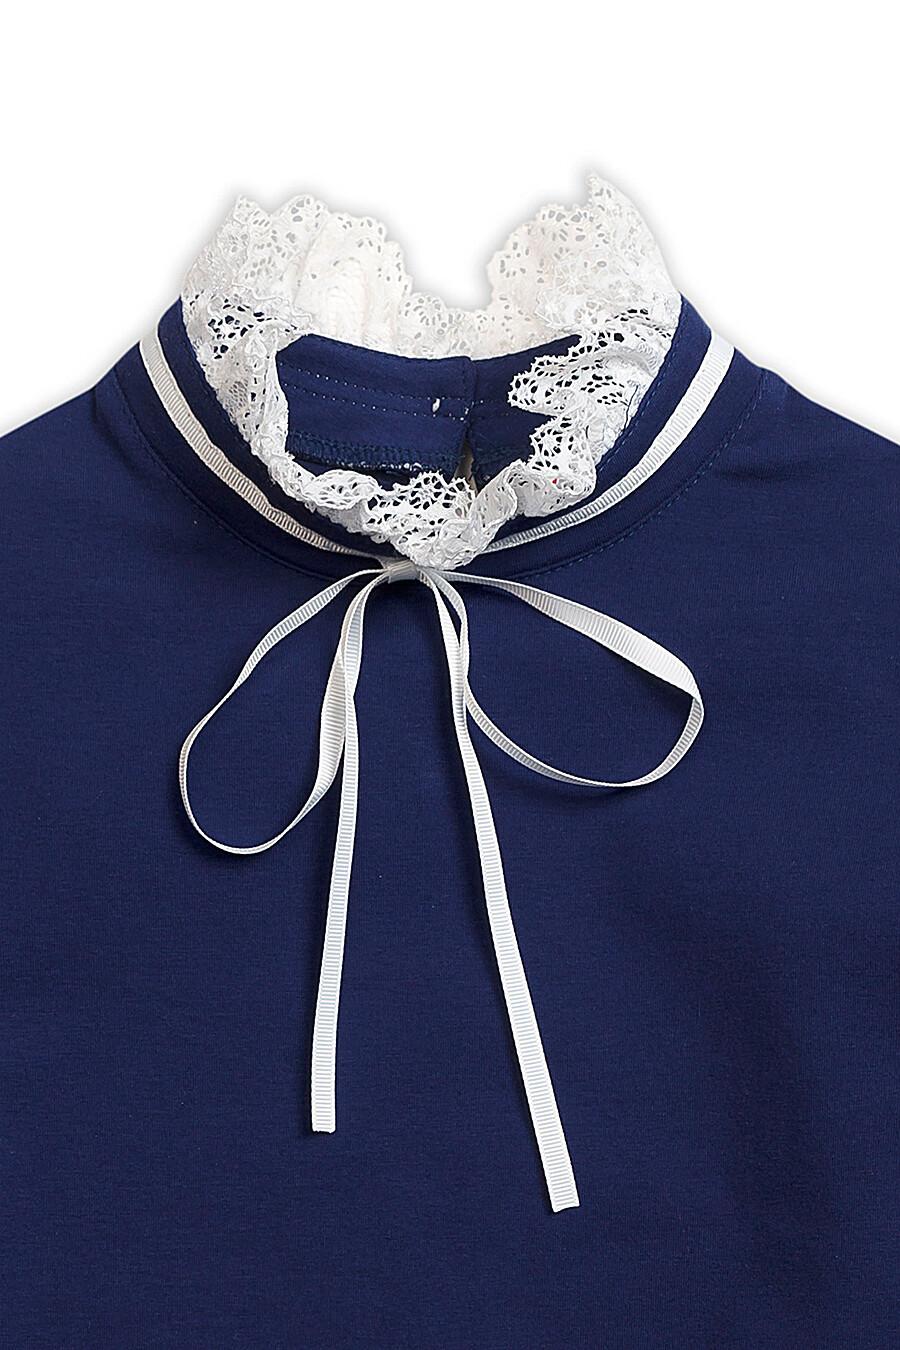 Блузка для девочек PELICAN 218584 купить оптом от производителя. Совместная покупка детской одежды в OptMoyo